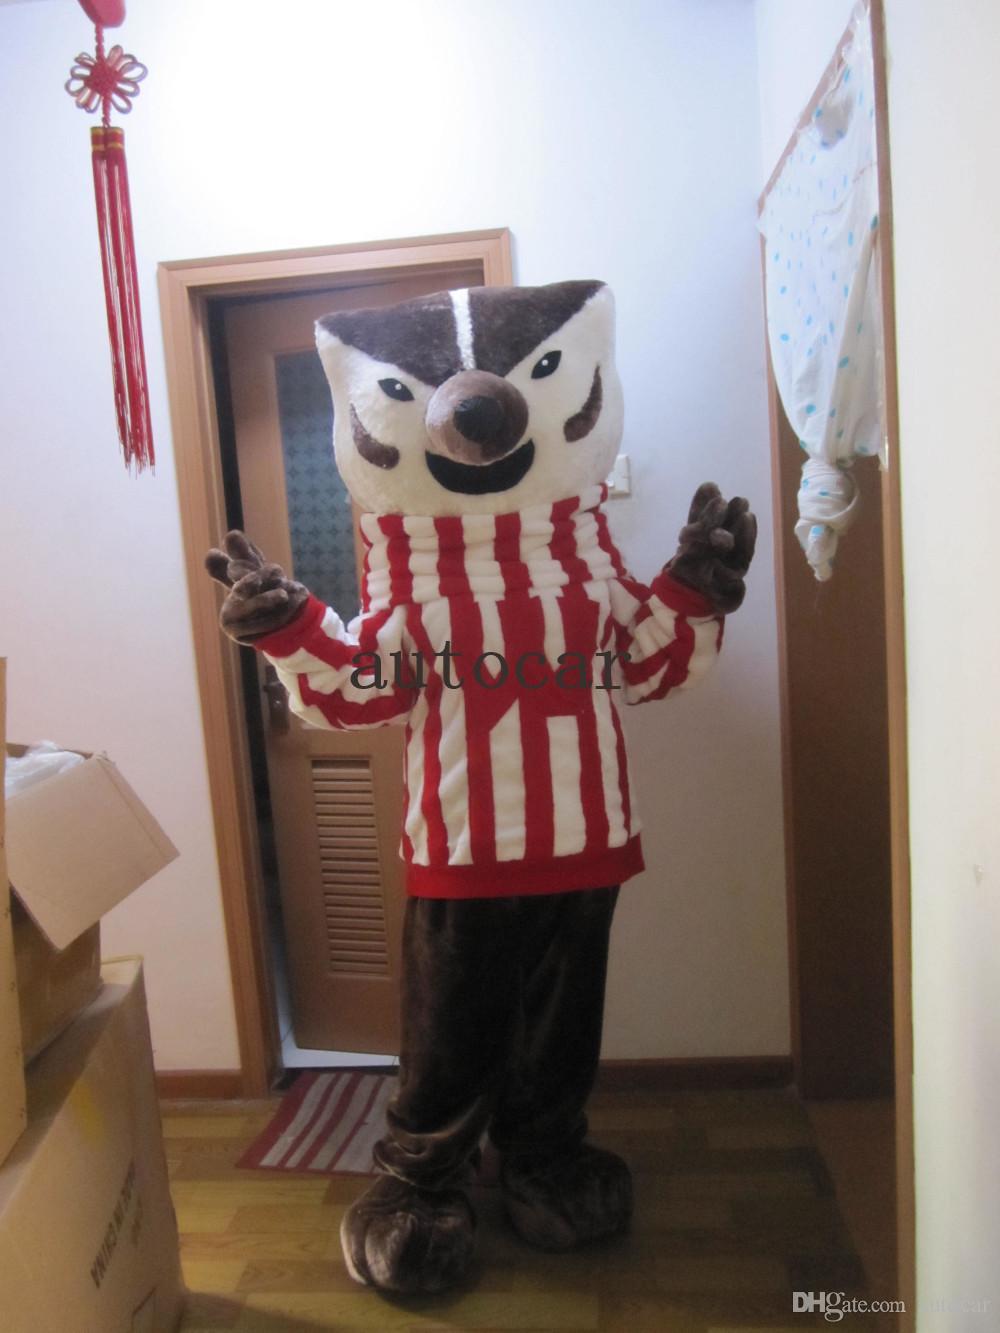 MR.FOX personagem de banda desenhada mascote traje personalizado produtos feitos por encomenda frete grátis